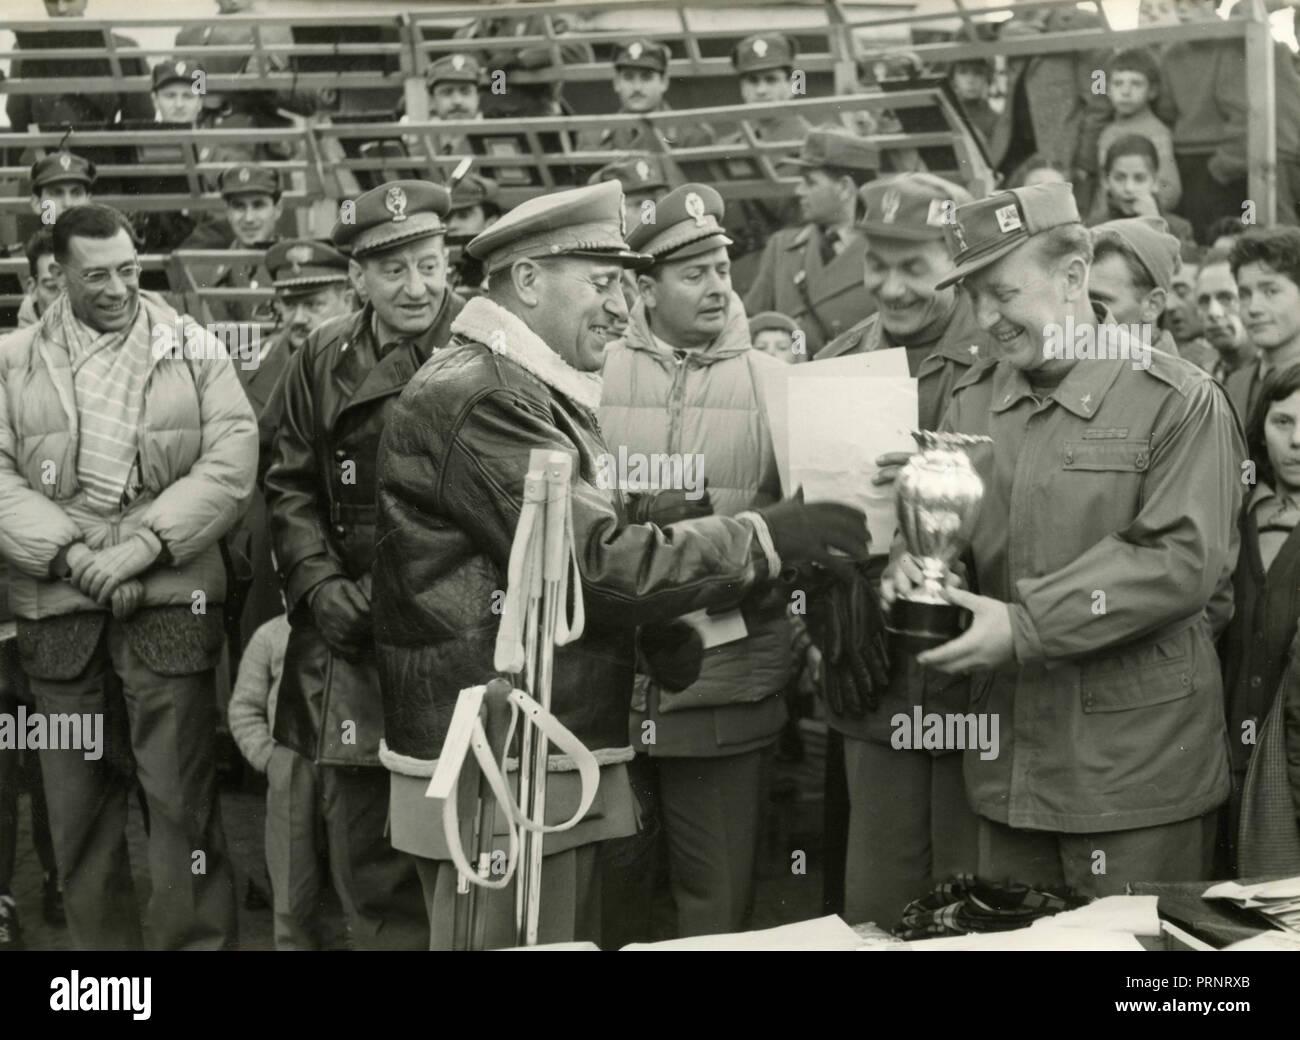 La Policía de Hacienda en una competición deportiva, Italia 1950 Imagen De Stock